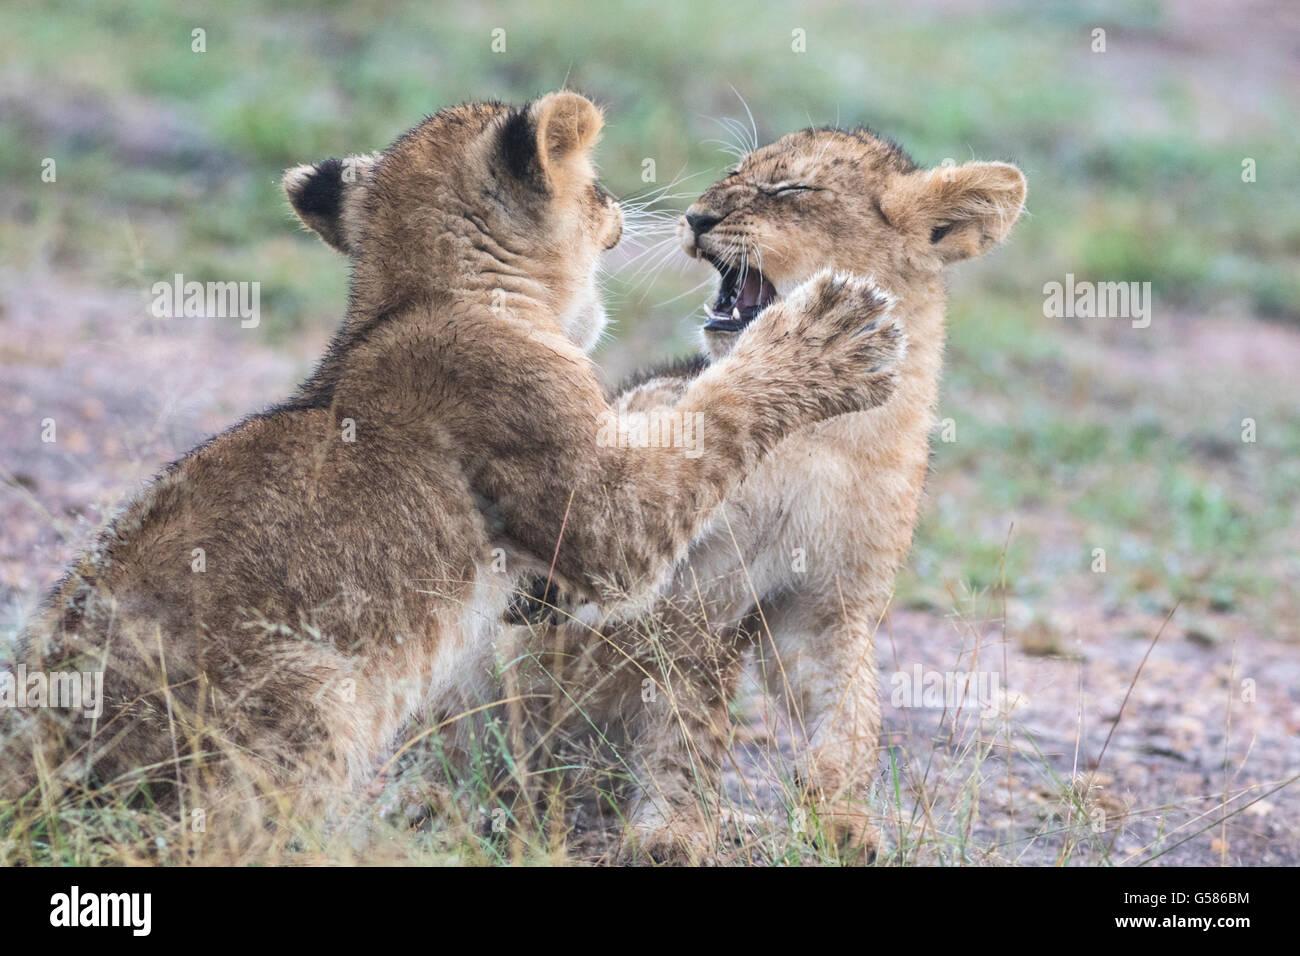 Dos cachorros de león combates o jugando, Masai Mara, Kenya, Africa. Imagen De Stock